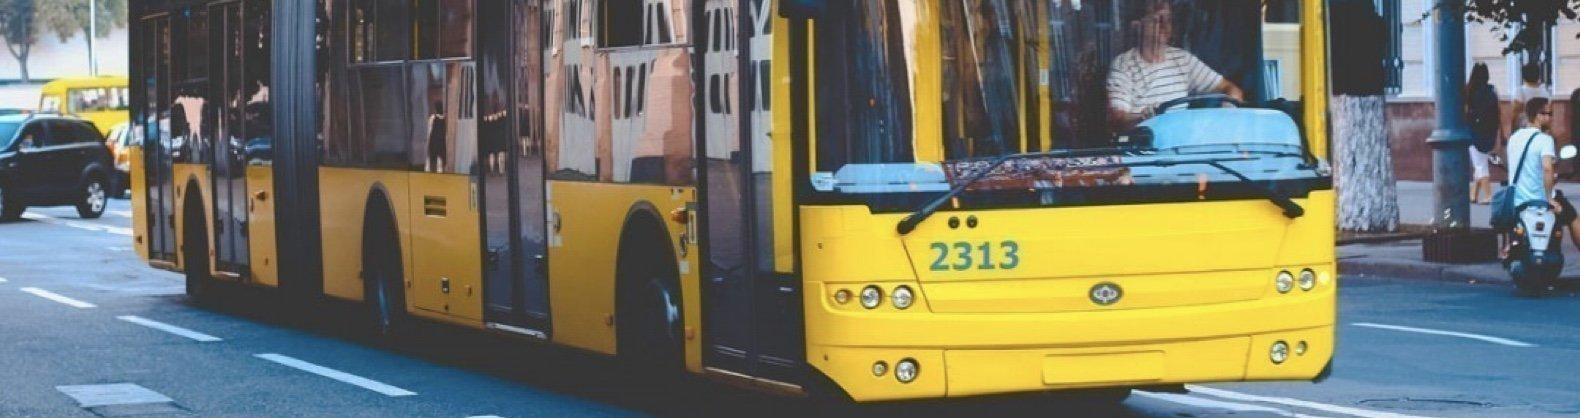 Общественный транспорт Днепра будет ходить по-другому: отмена маршрутов и изменения в движении